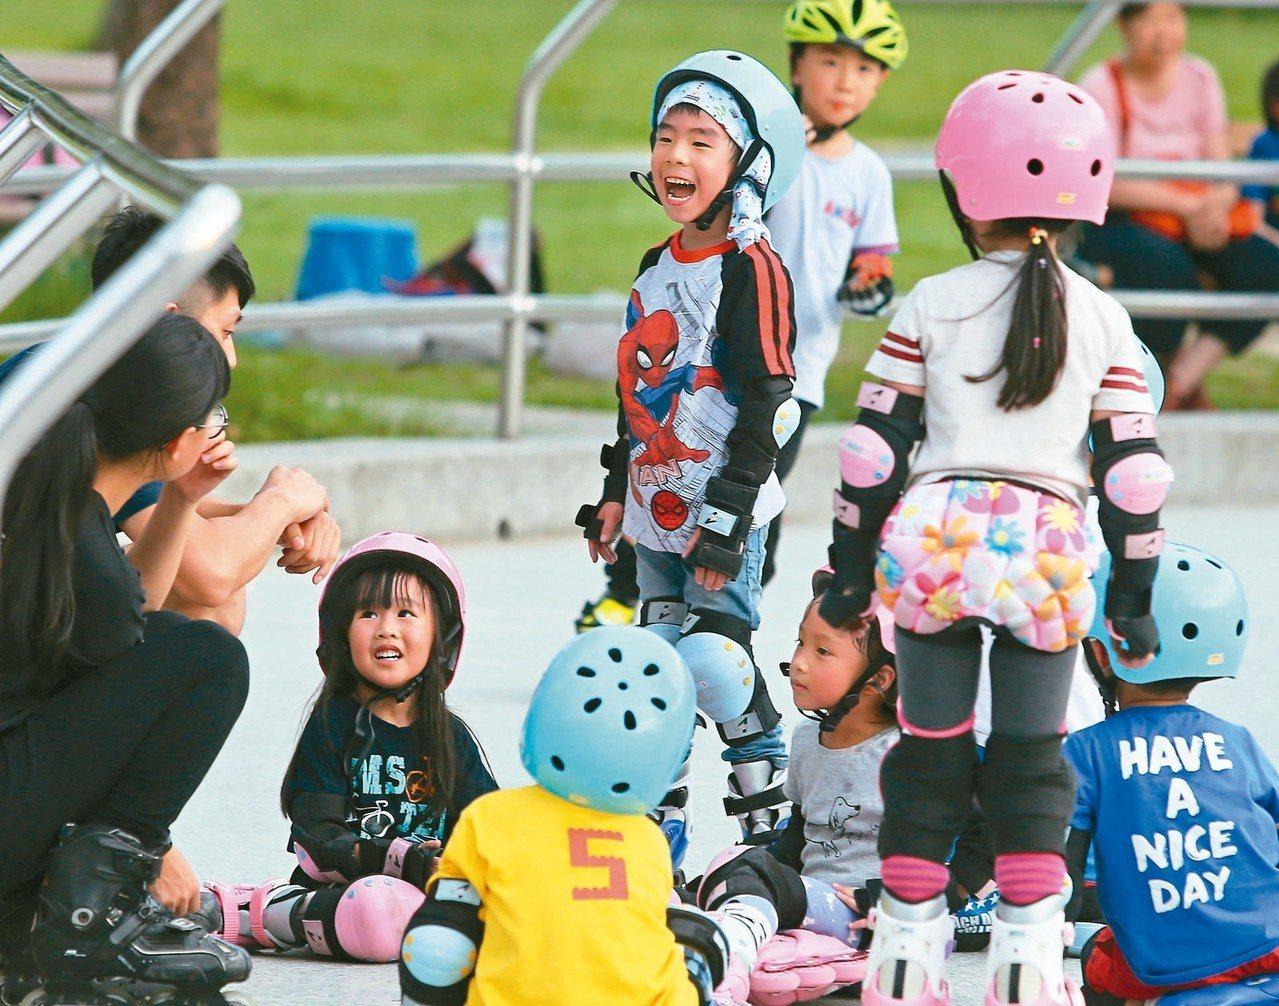 行政院長蘇貞昌昨天宣布八月起「擴大發放育兒津貼」,要讓全國二至五歲的八十萬名幼兒...